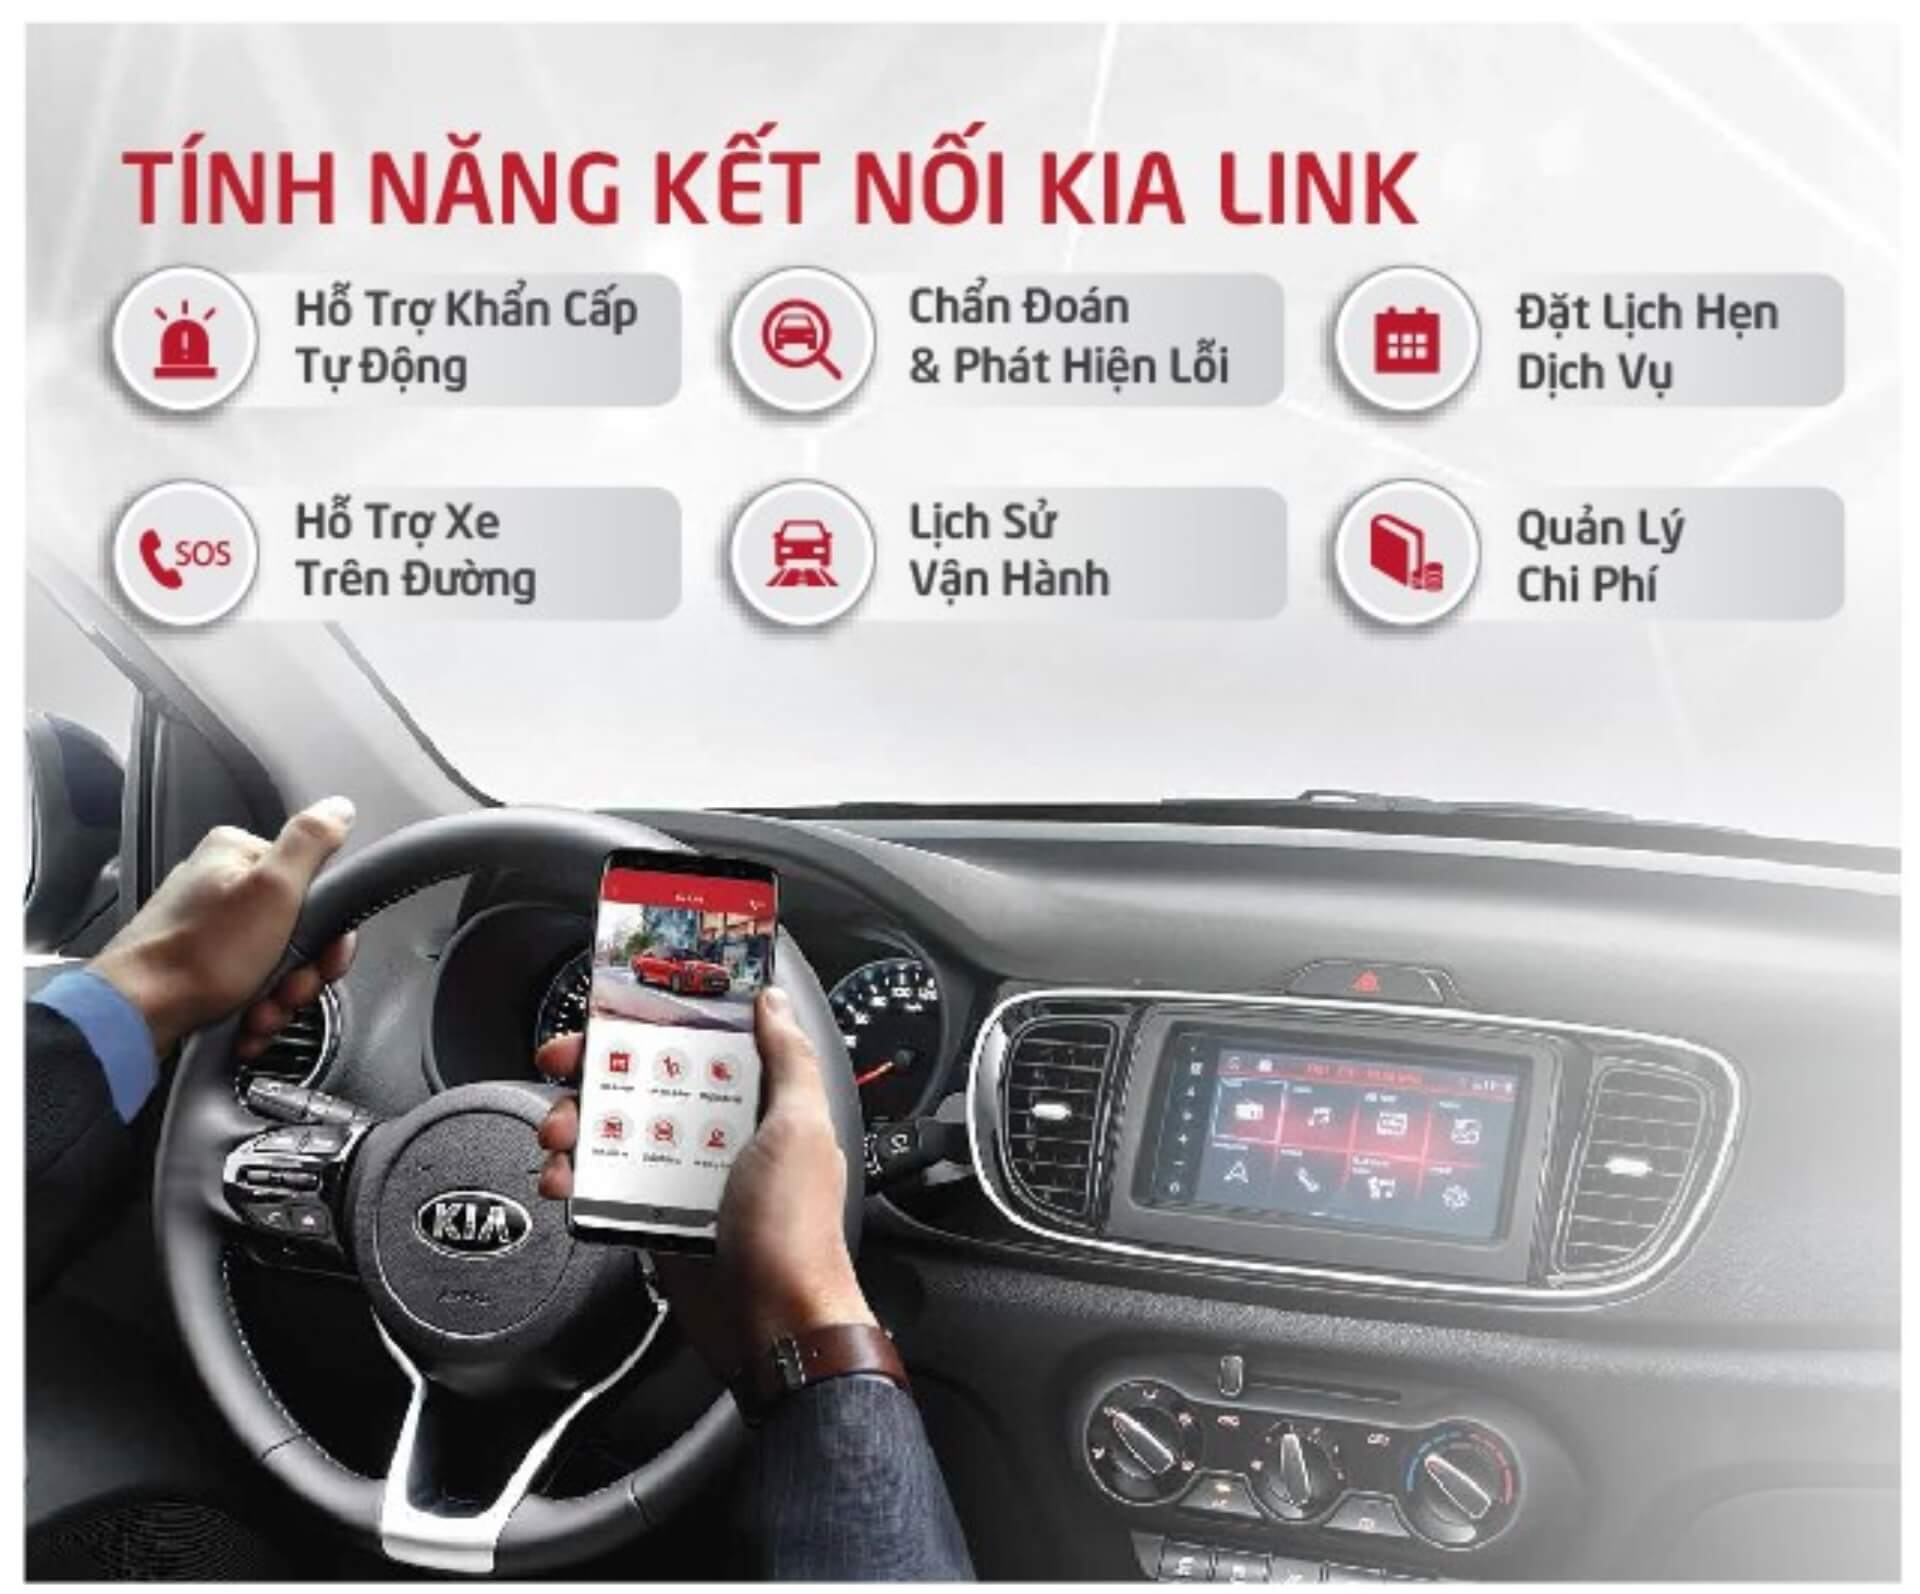 Kia Link-20200608-16064052